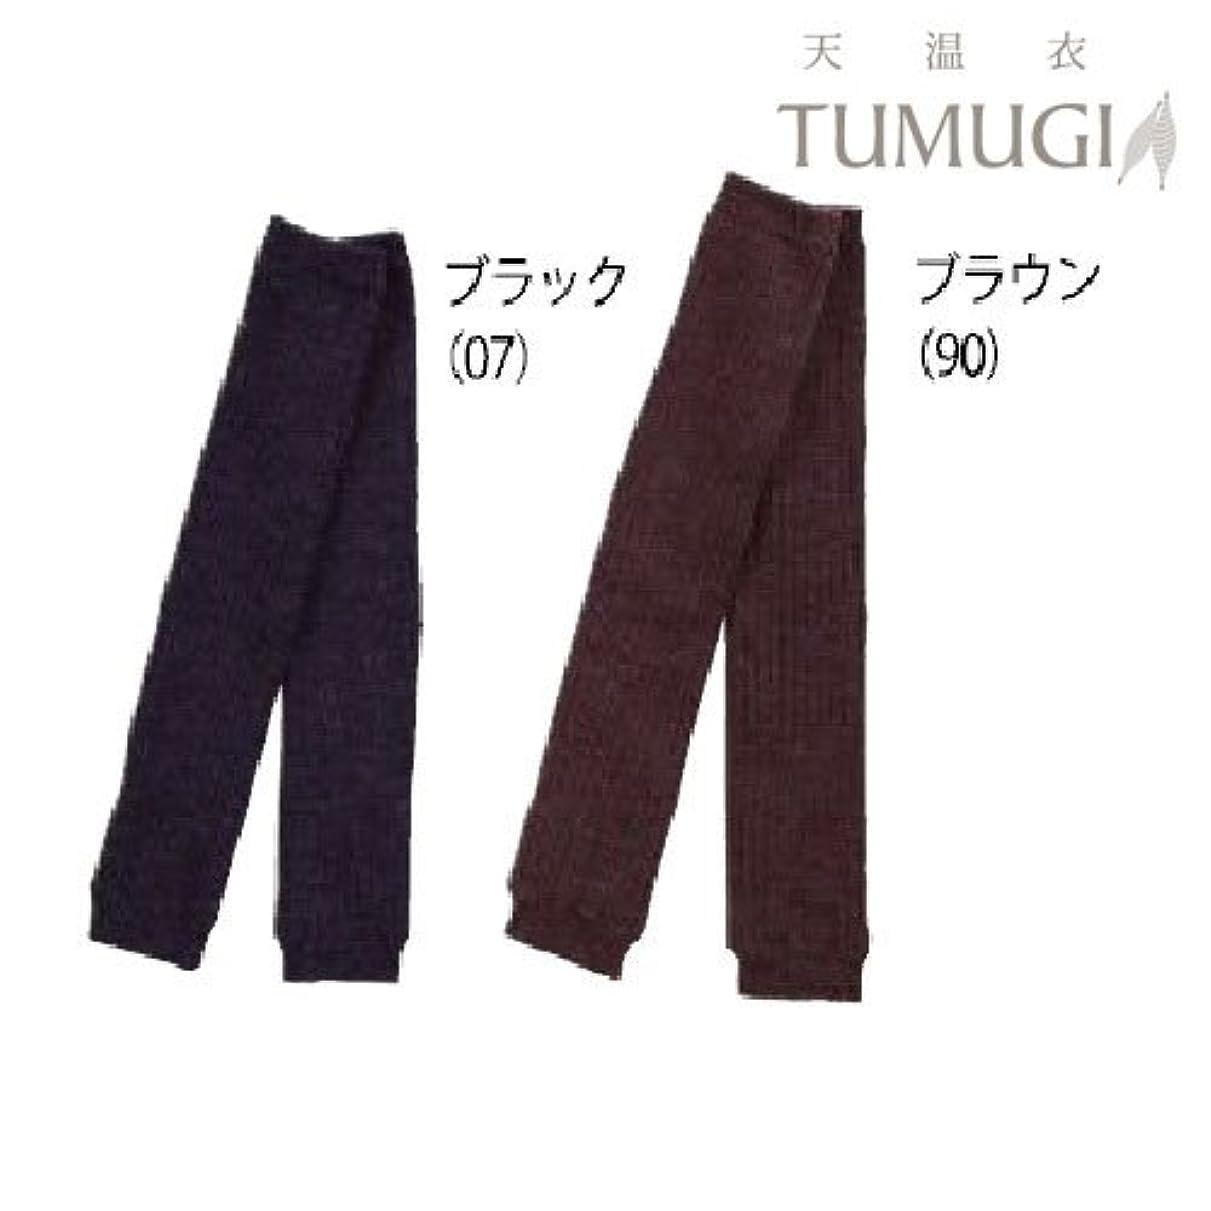 タイプブレーキけん引天温衣TUMUGI  ウールとシルクの2重編みレッグウォーマー (ブラック(黒))